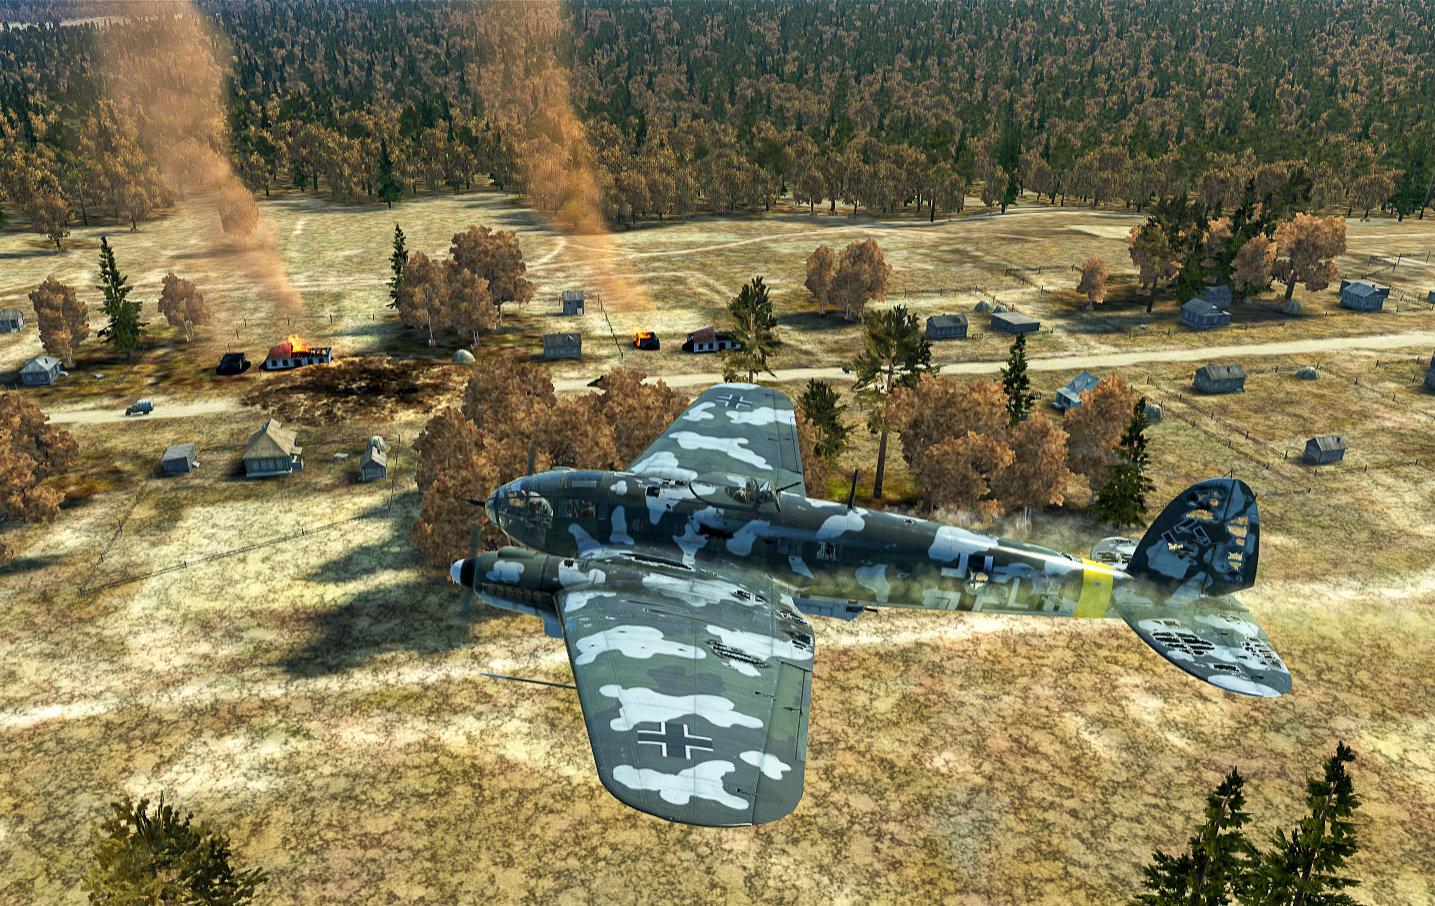 IL-2  Sturmovik  Battle of Stalingrad Screenshot 2020.05.07 - 22.21.49.48.jpg